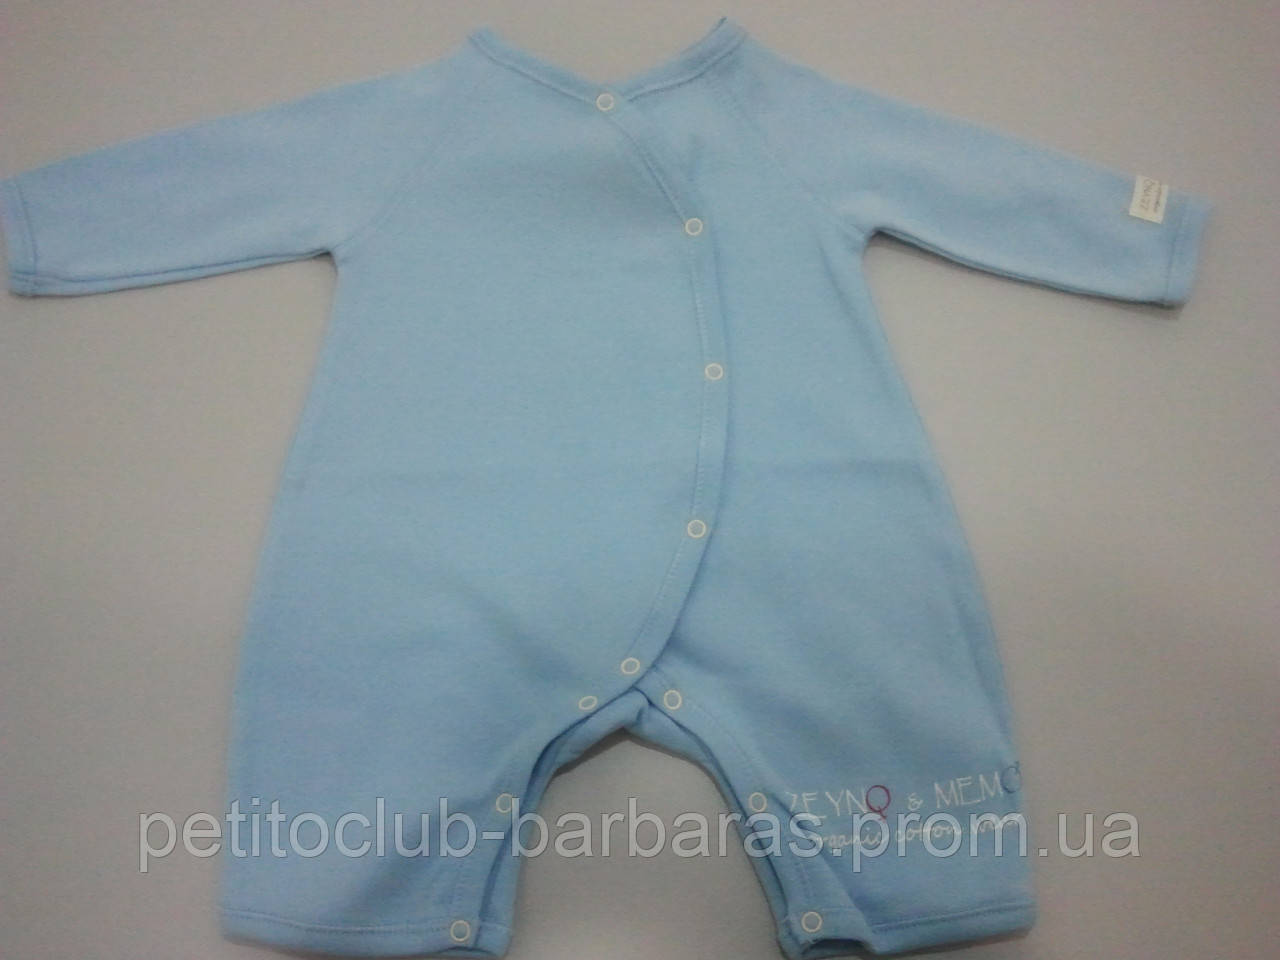 Комбинезон для младенца голубой (человечек с открытыми ножками)